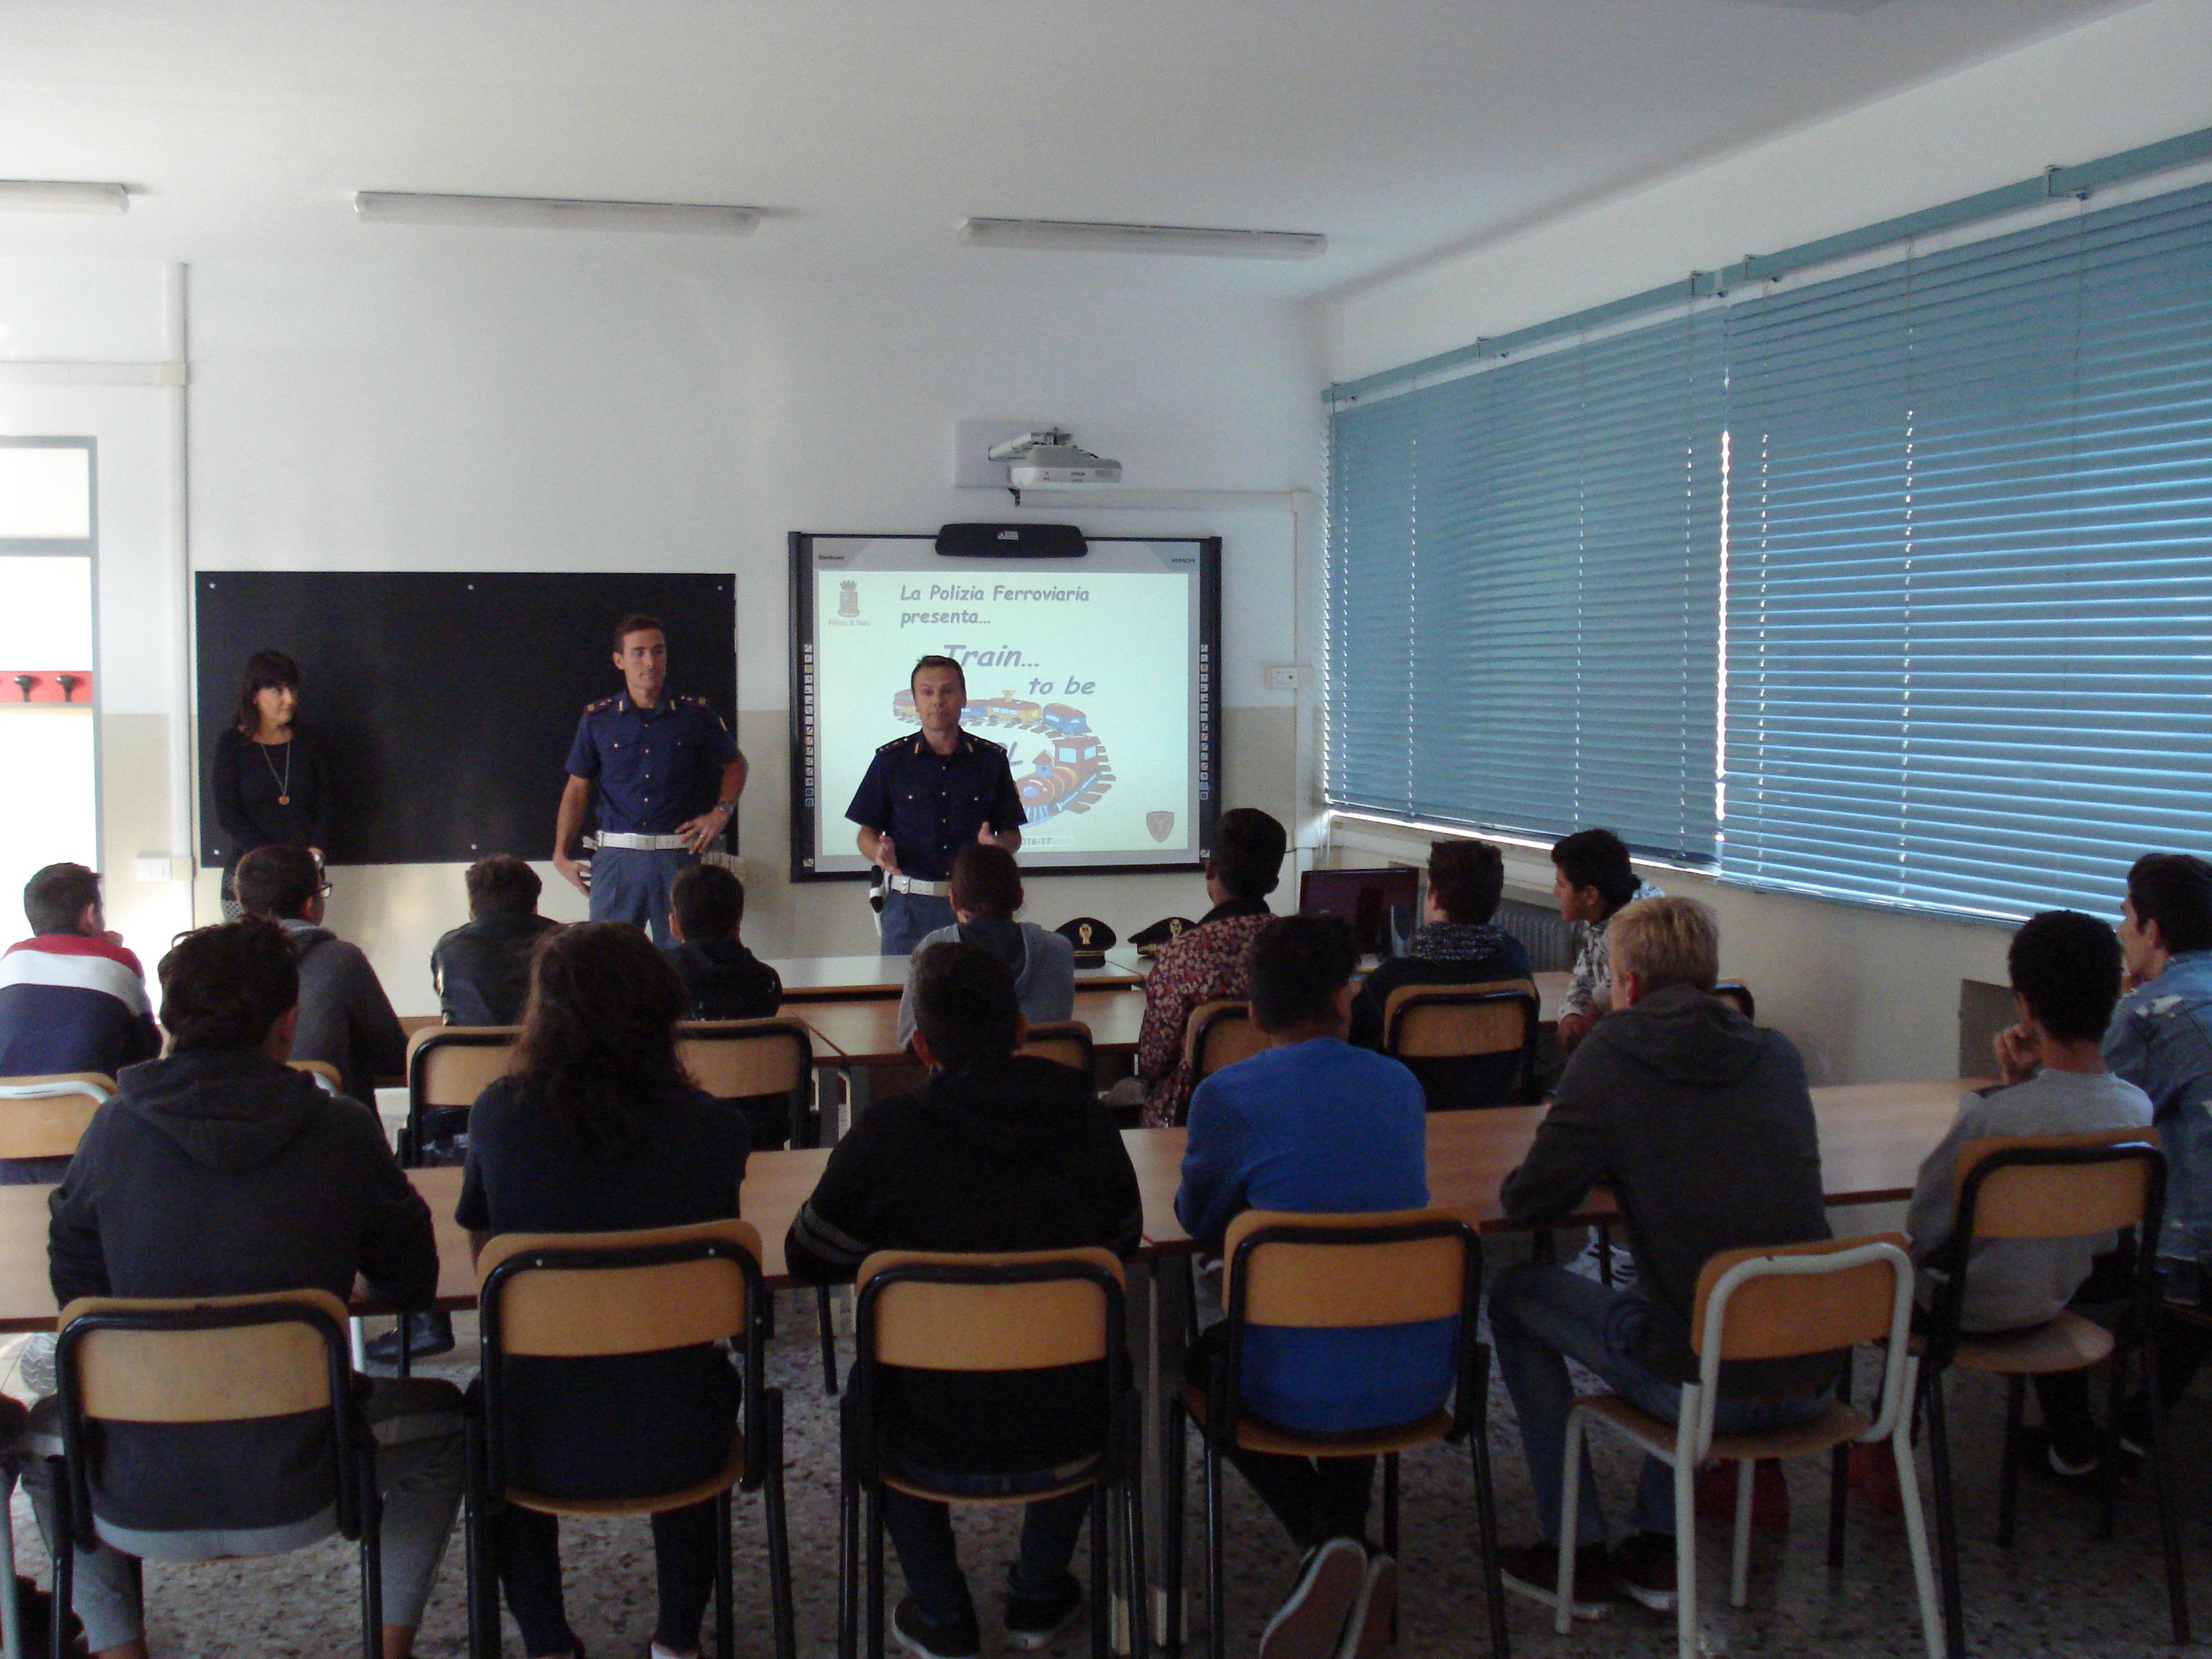 Polizia di stato questure sul web gorizia for Questure poliziadistato it stranieri